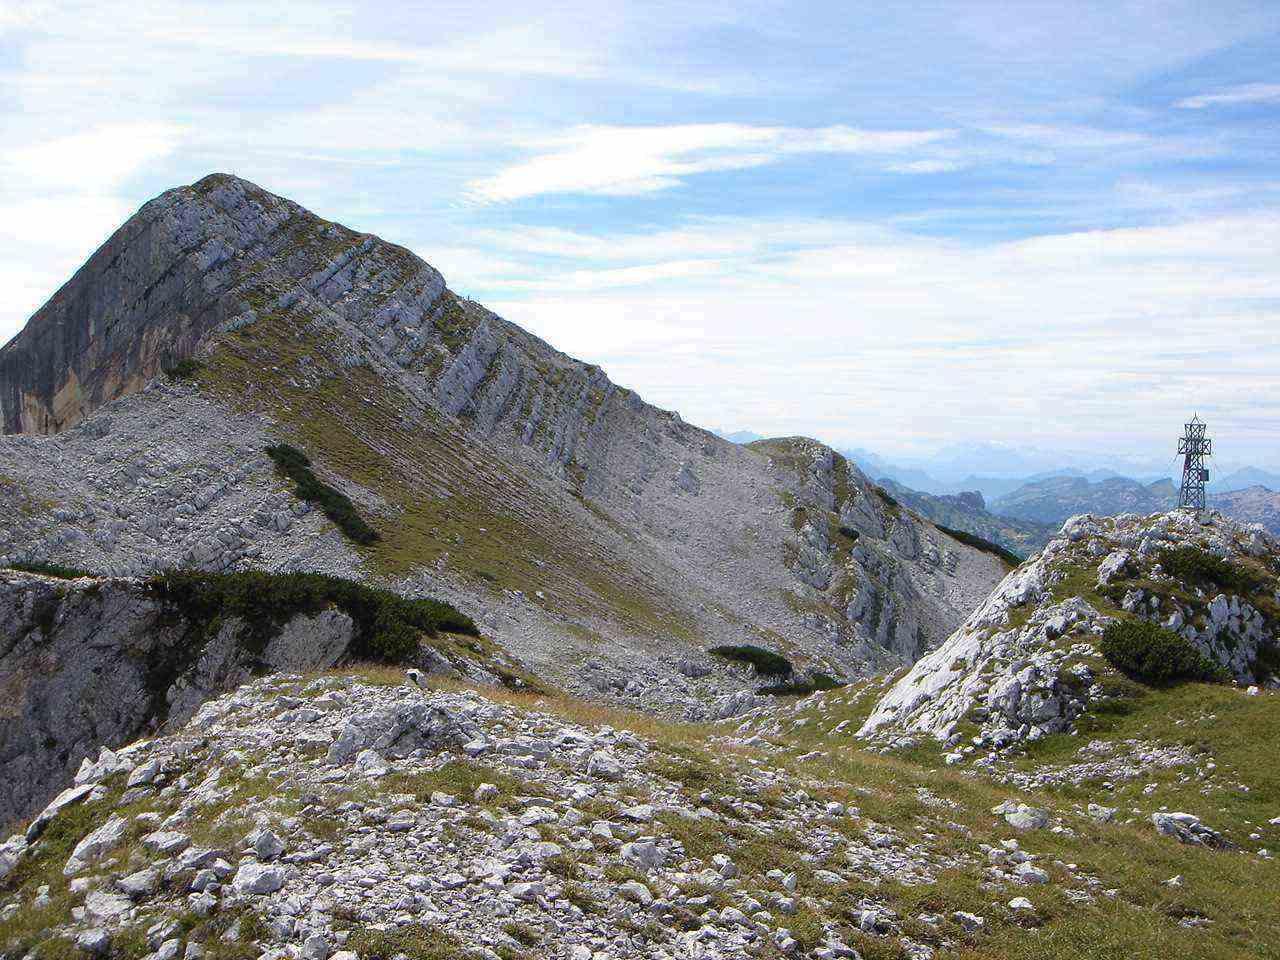 Foto: Manfred Karl / Wander Tour / Auf den Zwölfer über den Grießkarsteig / Vom Nordgipfel zum Hauptgipfel sind es nur ein paar Minuten. / 18.05.2007 14:37:14